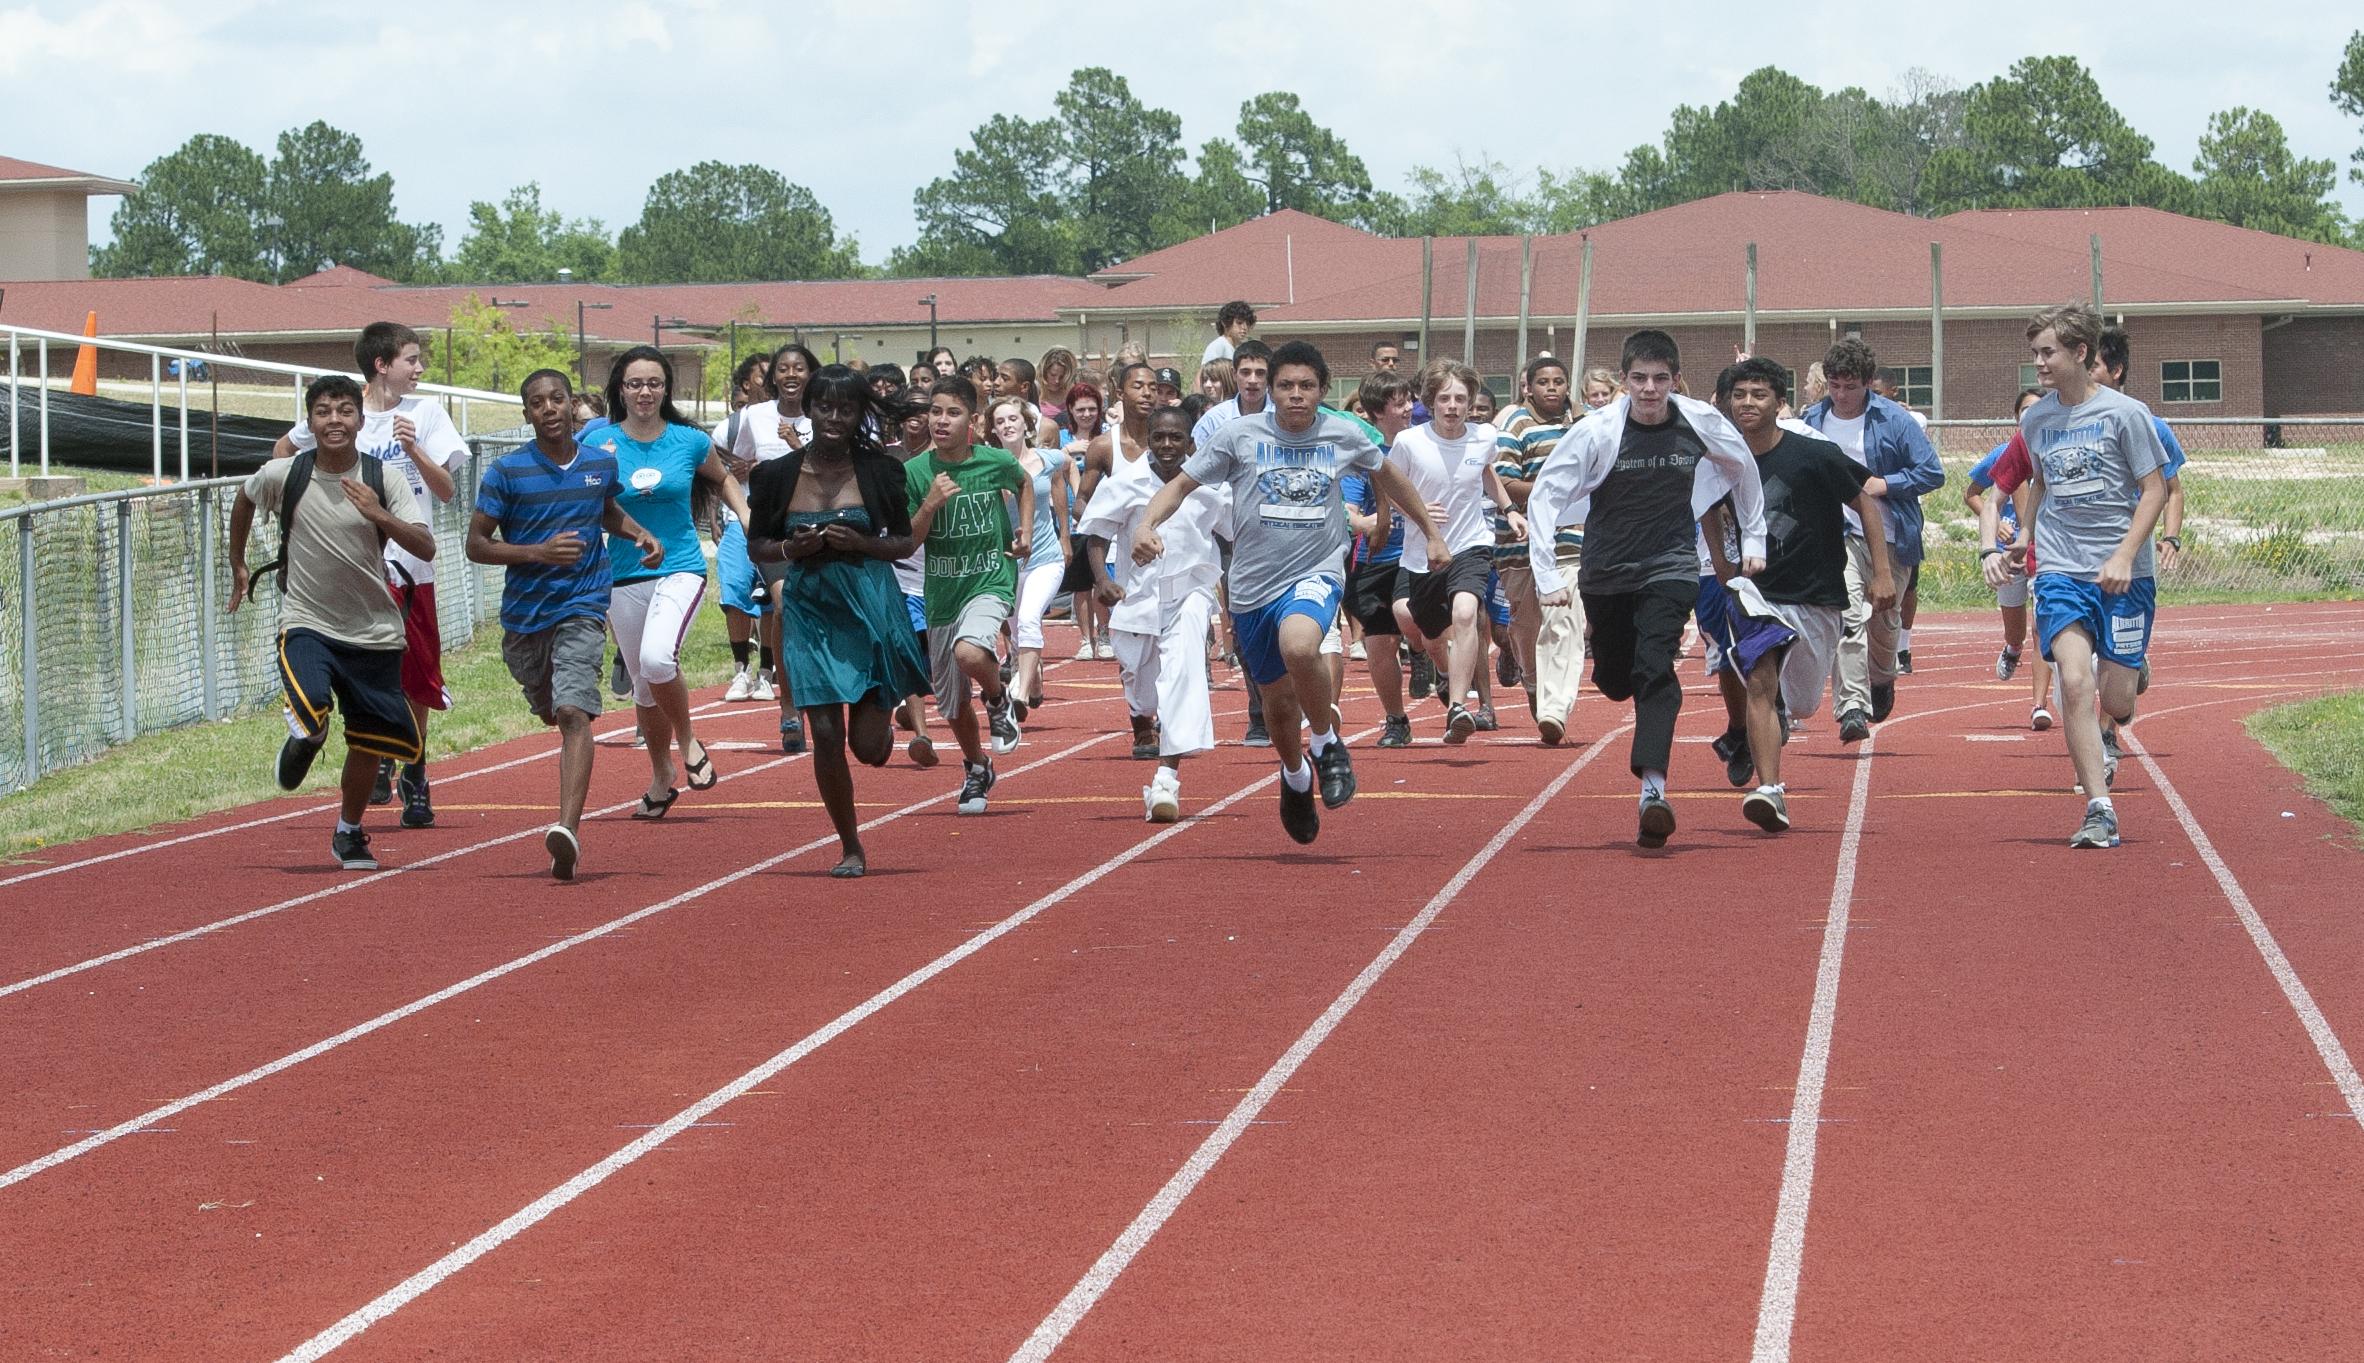 Grade School Running Shoes